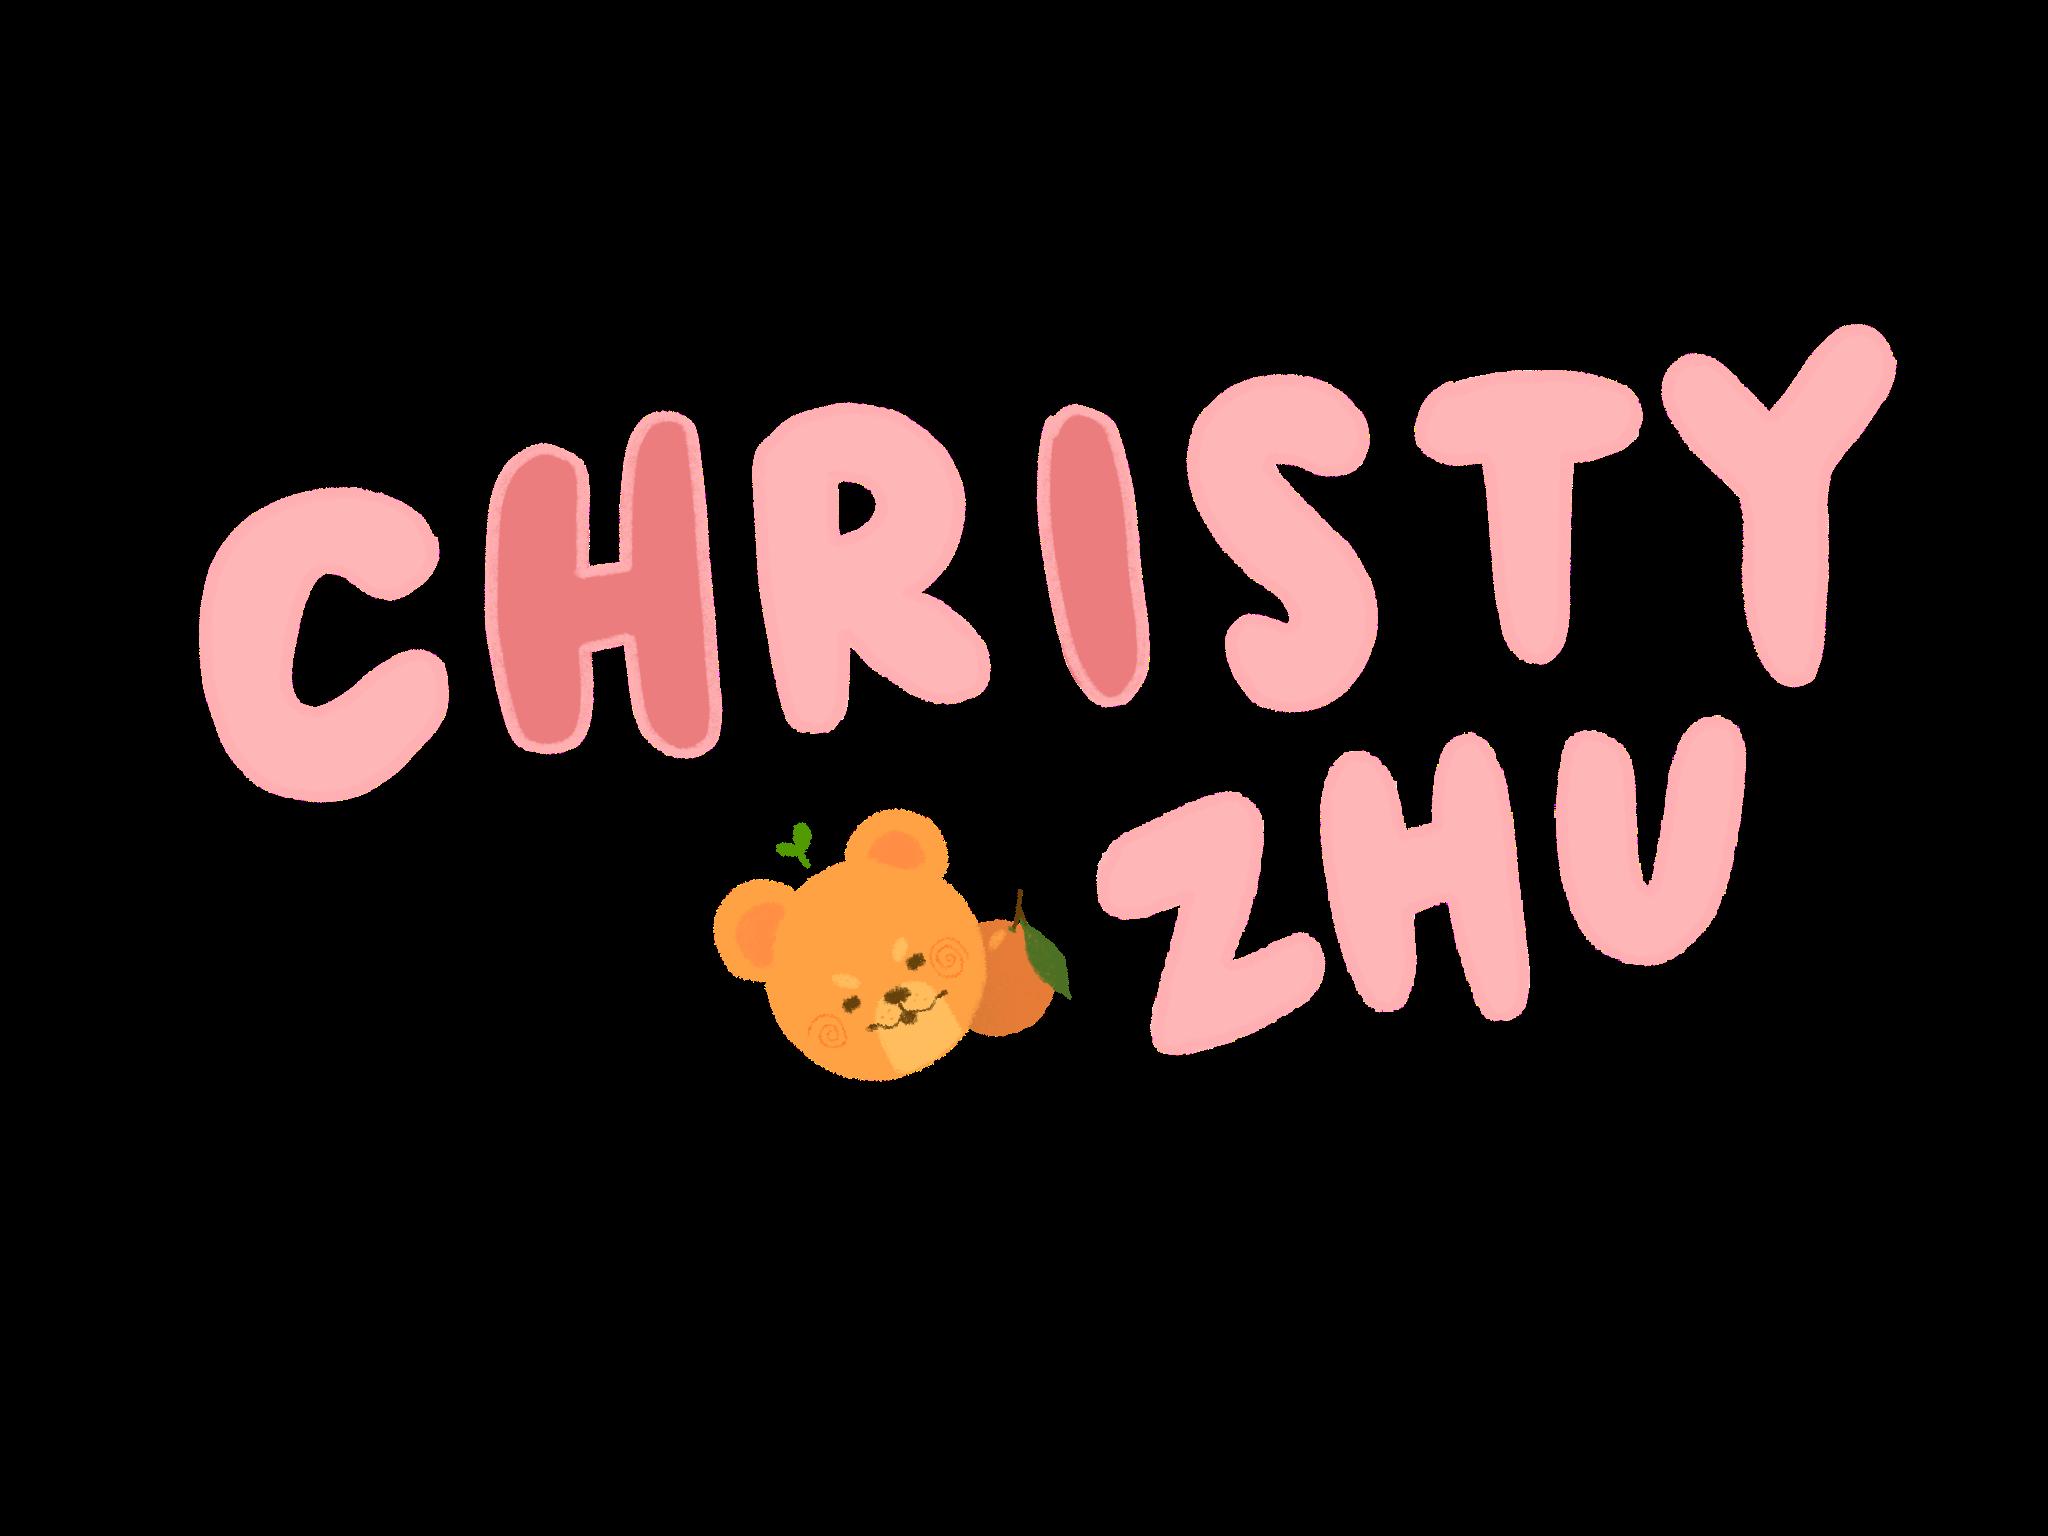 Christy Zhu